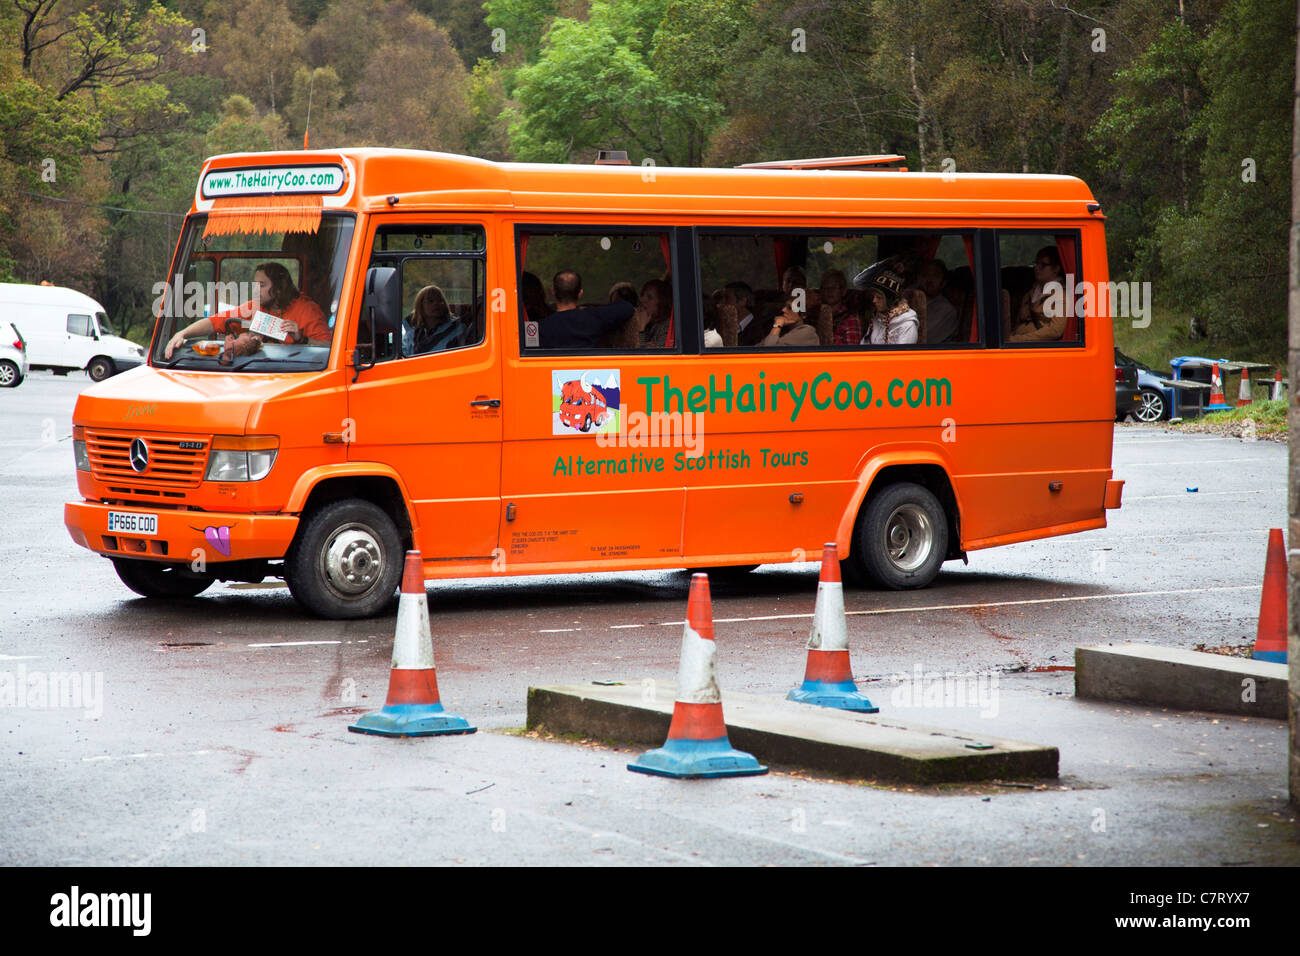 Der behaarte Coo .com-Tour-Bus auf einen Parkplatz Loch Katrine Schottland, schottische Urlaub Reise-alternative Stockbild